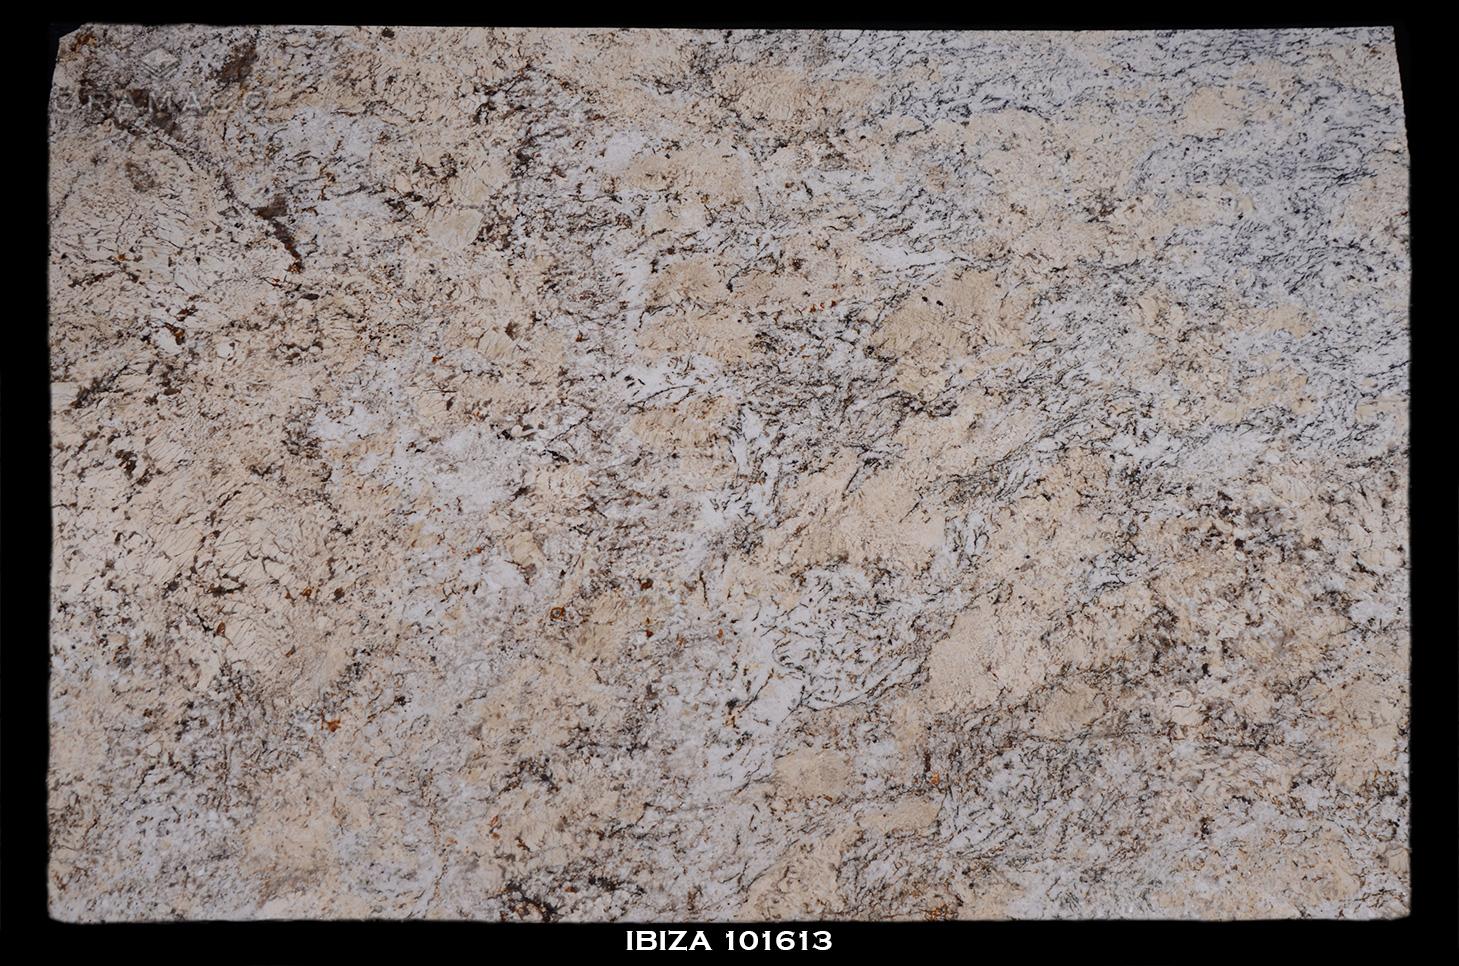 IBIZA-101613